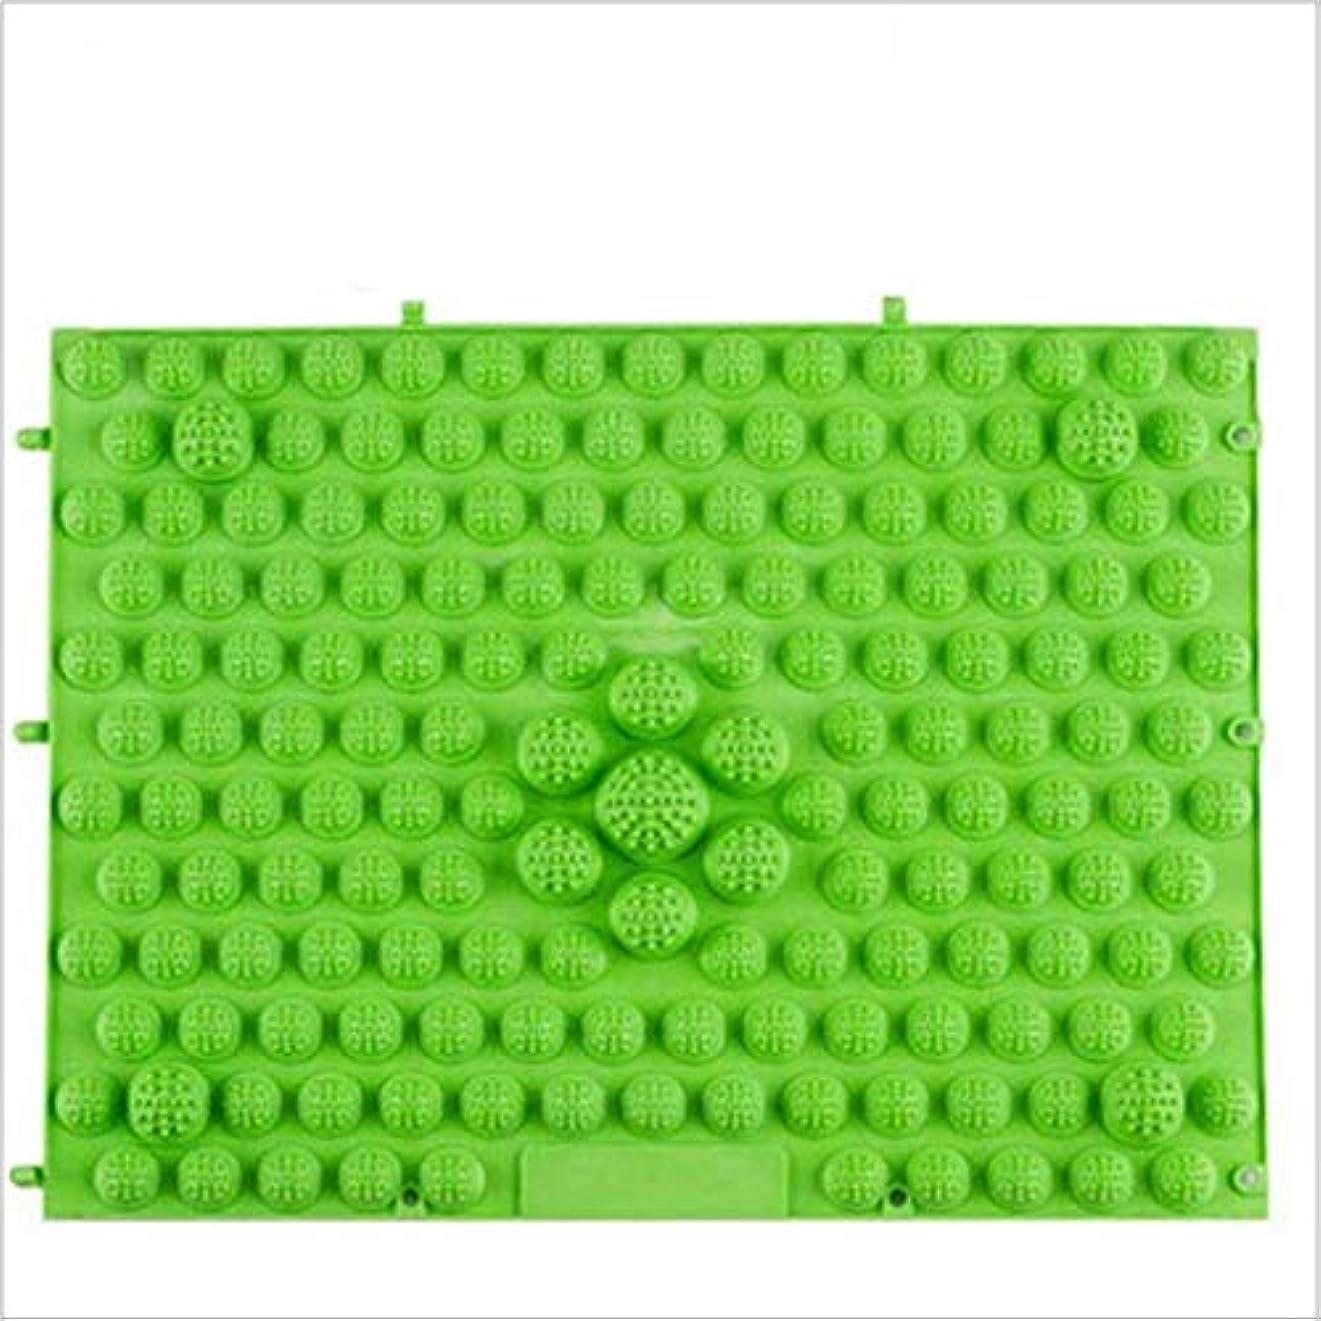 閉じる大理石ジョイントウォークマット 裏板セット(ABS樹脂製補強板付き) (グリーン)